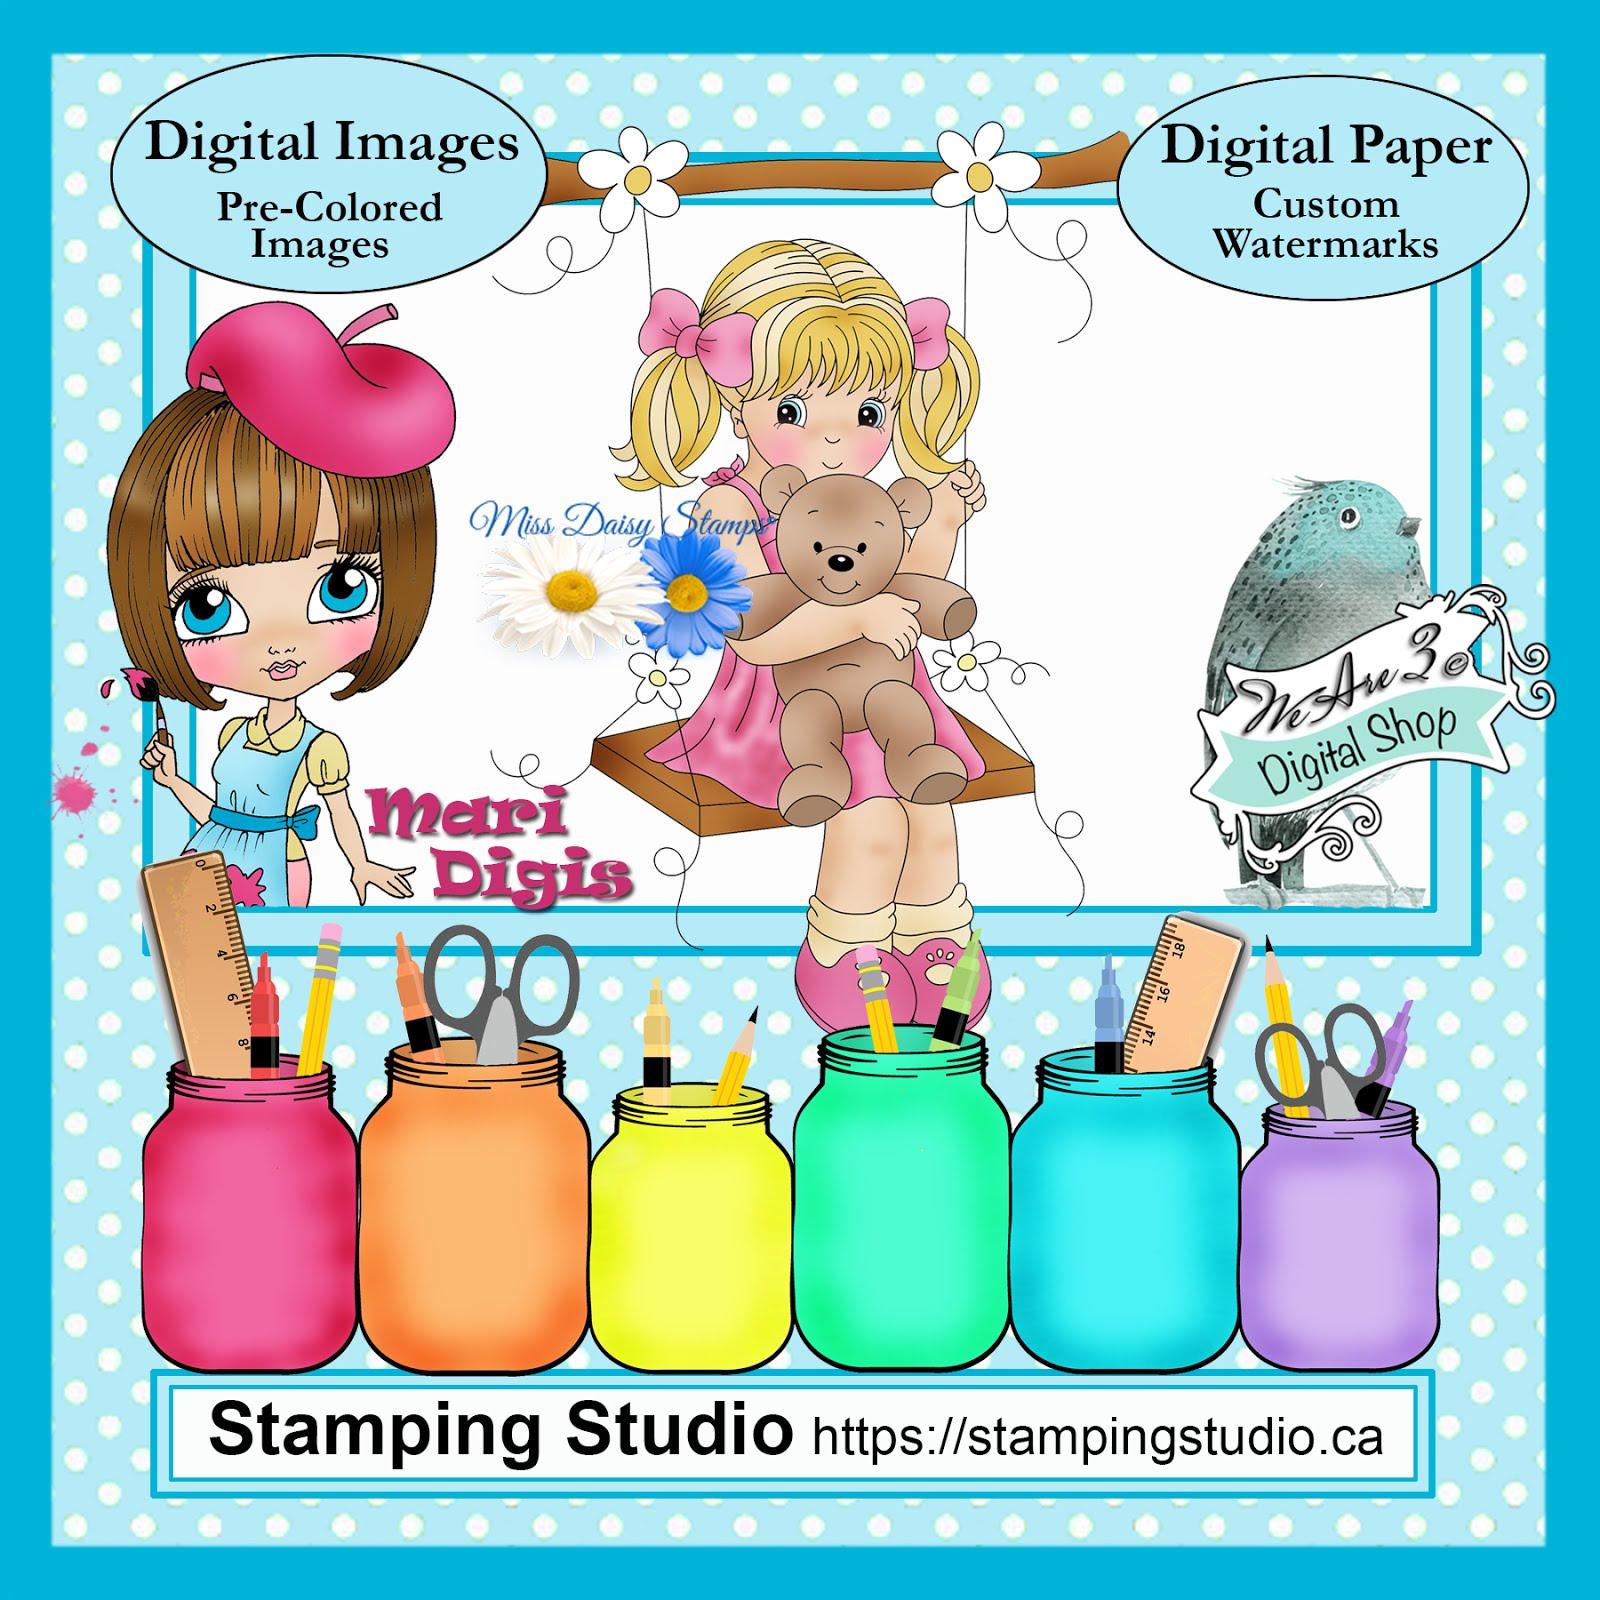 Stamping Studio